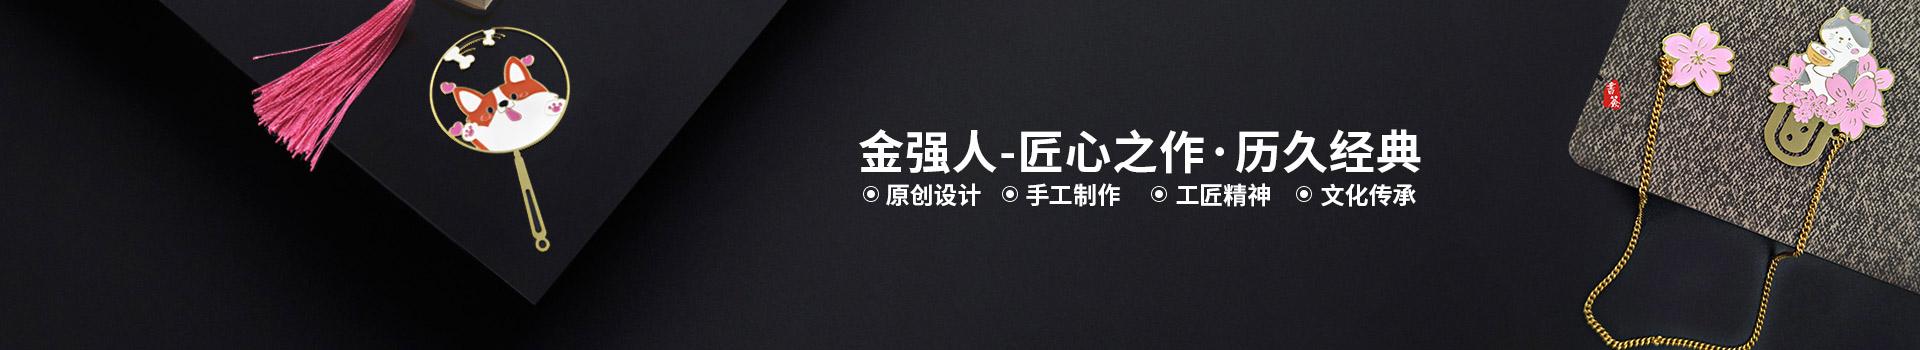 金强人-匠心之作&历久经典